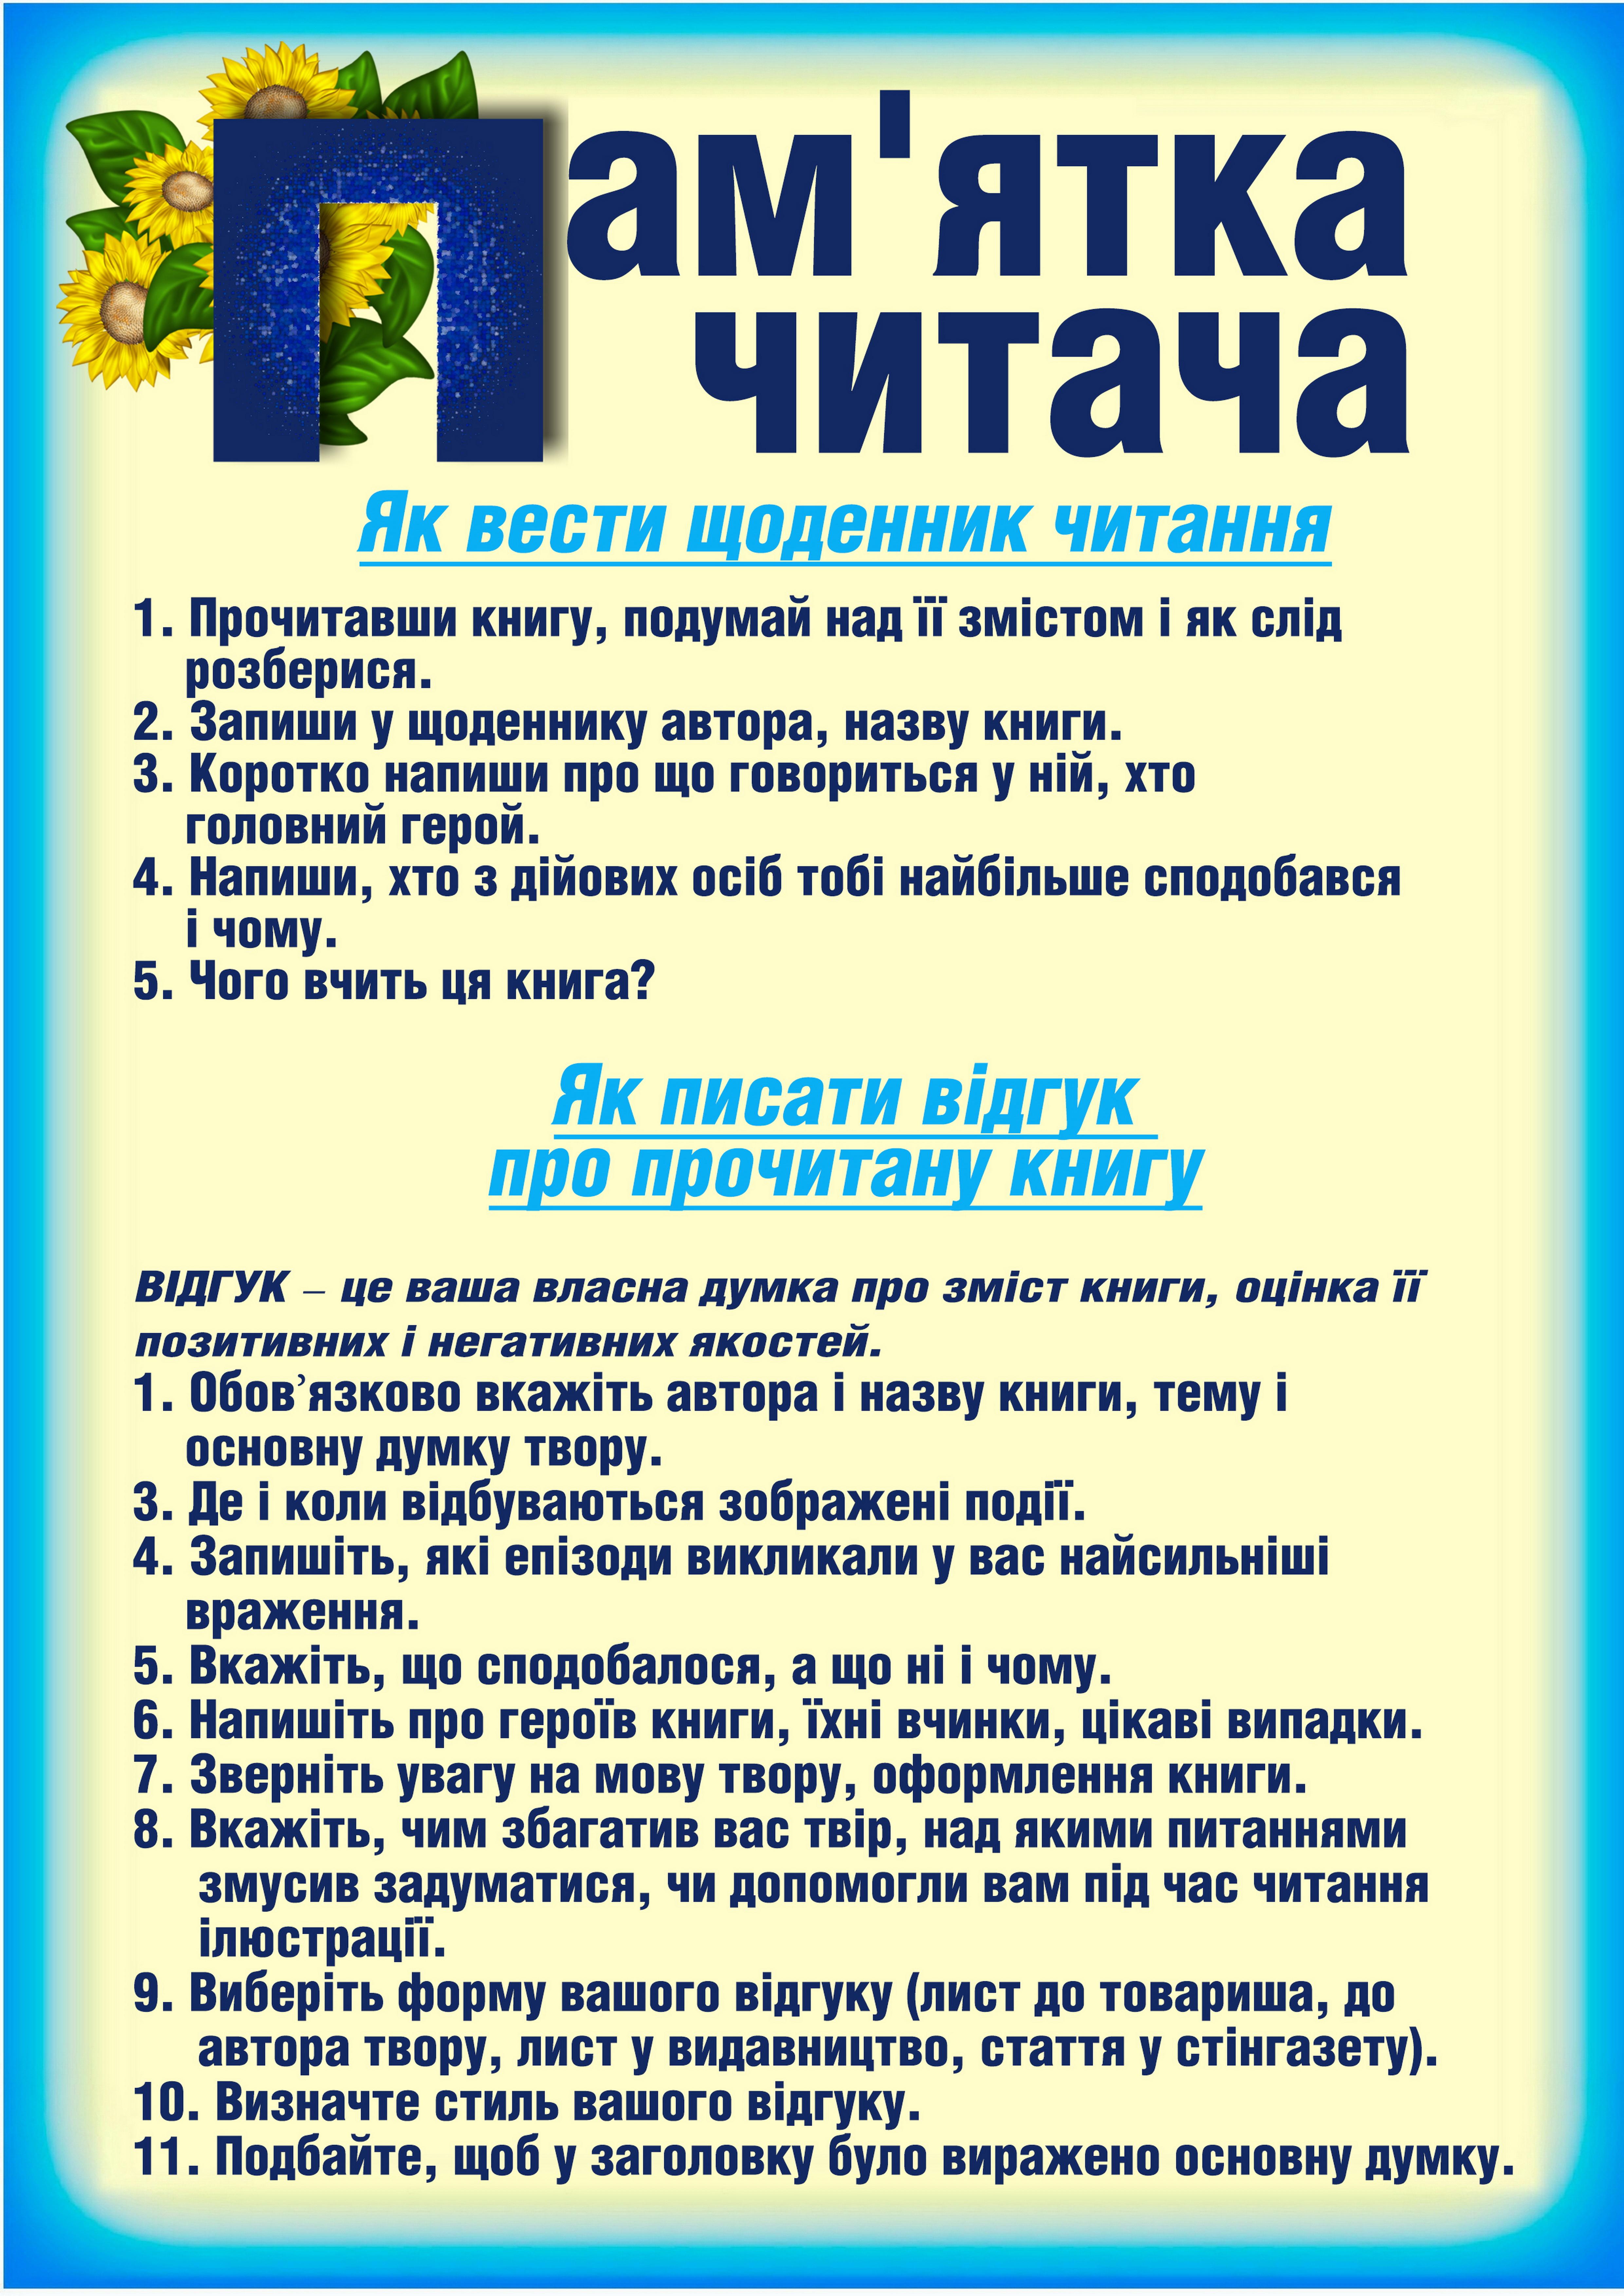 http://gimnasia.dn.ua/wp-content/uploads/2013/12/%D0%BF%D0%B0%D0%BC%D1%8F%D1%82%D0%BA%D0%B03.jpg